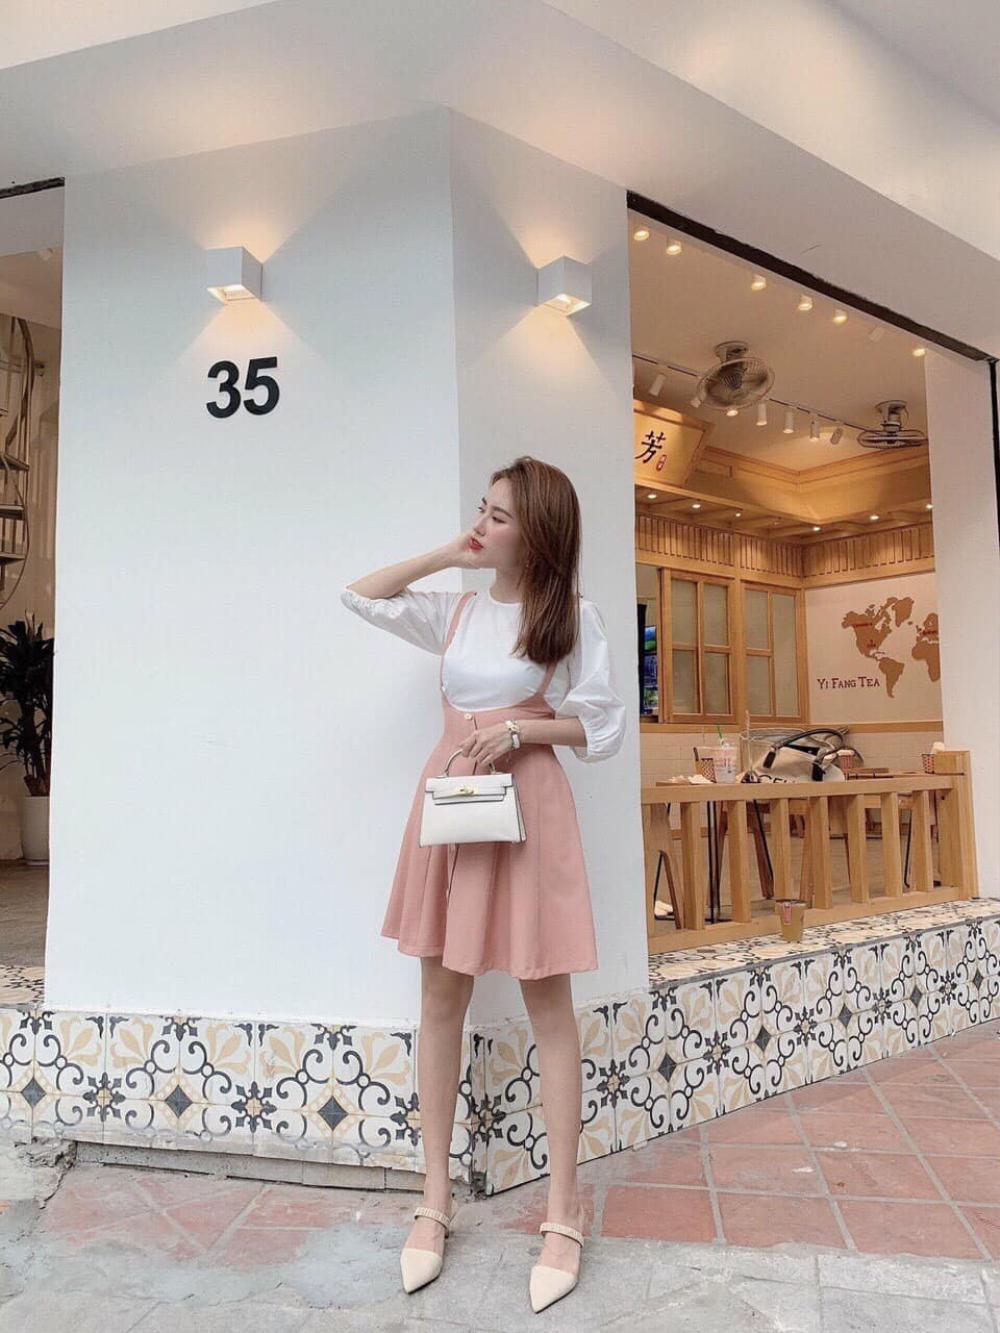 Huyền Mỹ Shop – Thổi làn gió mới vào ngành thời trang Việt Ảnh 5